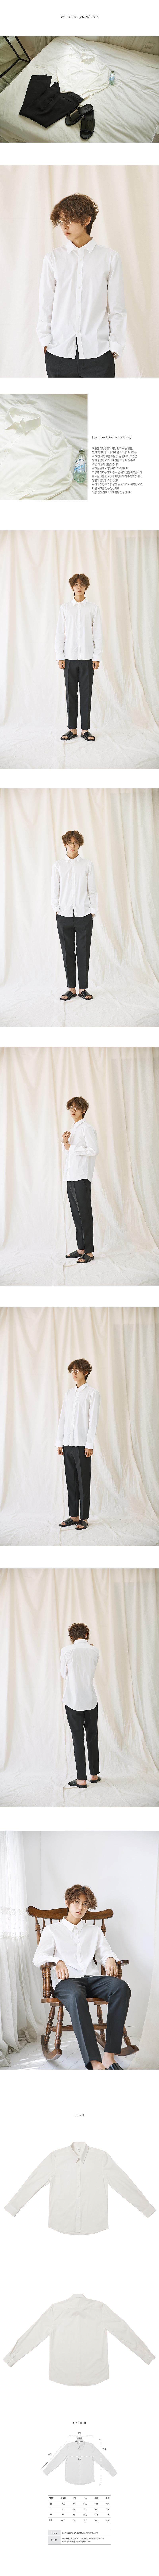 [자토] 데일리 컴포터플 기본셔츠 - warm white